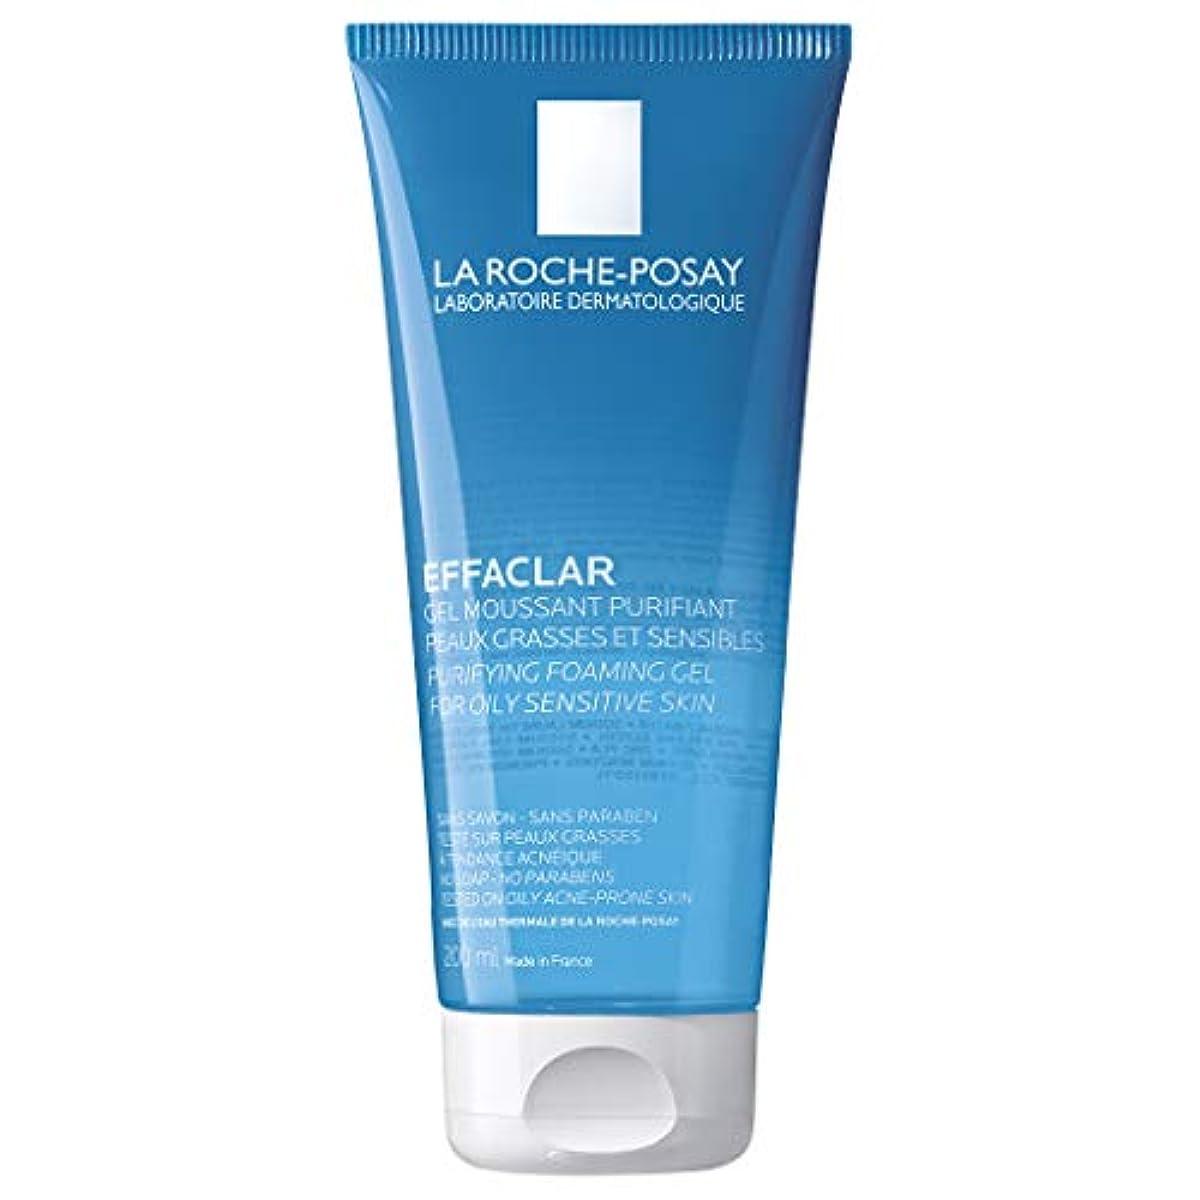 斧みなす兄[ラロシュ布製] エファクラ 脂性肌のためのピュリファイングフォーミングジェルクレンザー 200ml / La Roche-Posay Effaclar Purifying Foaming Gel Cleanser for...